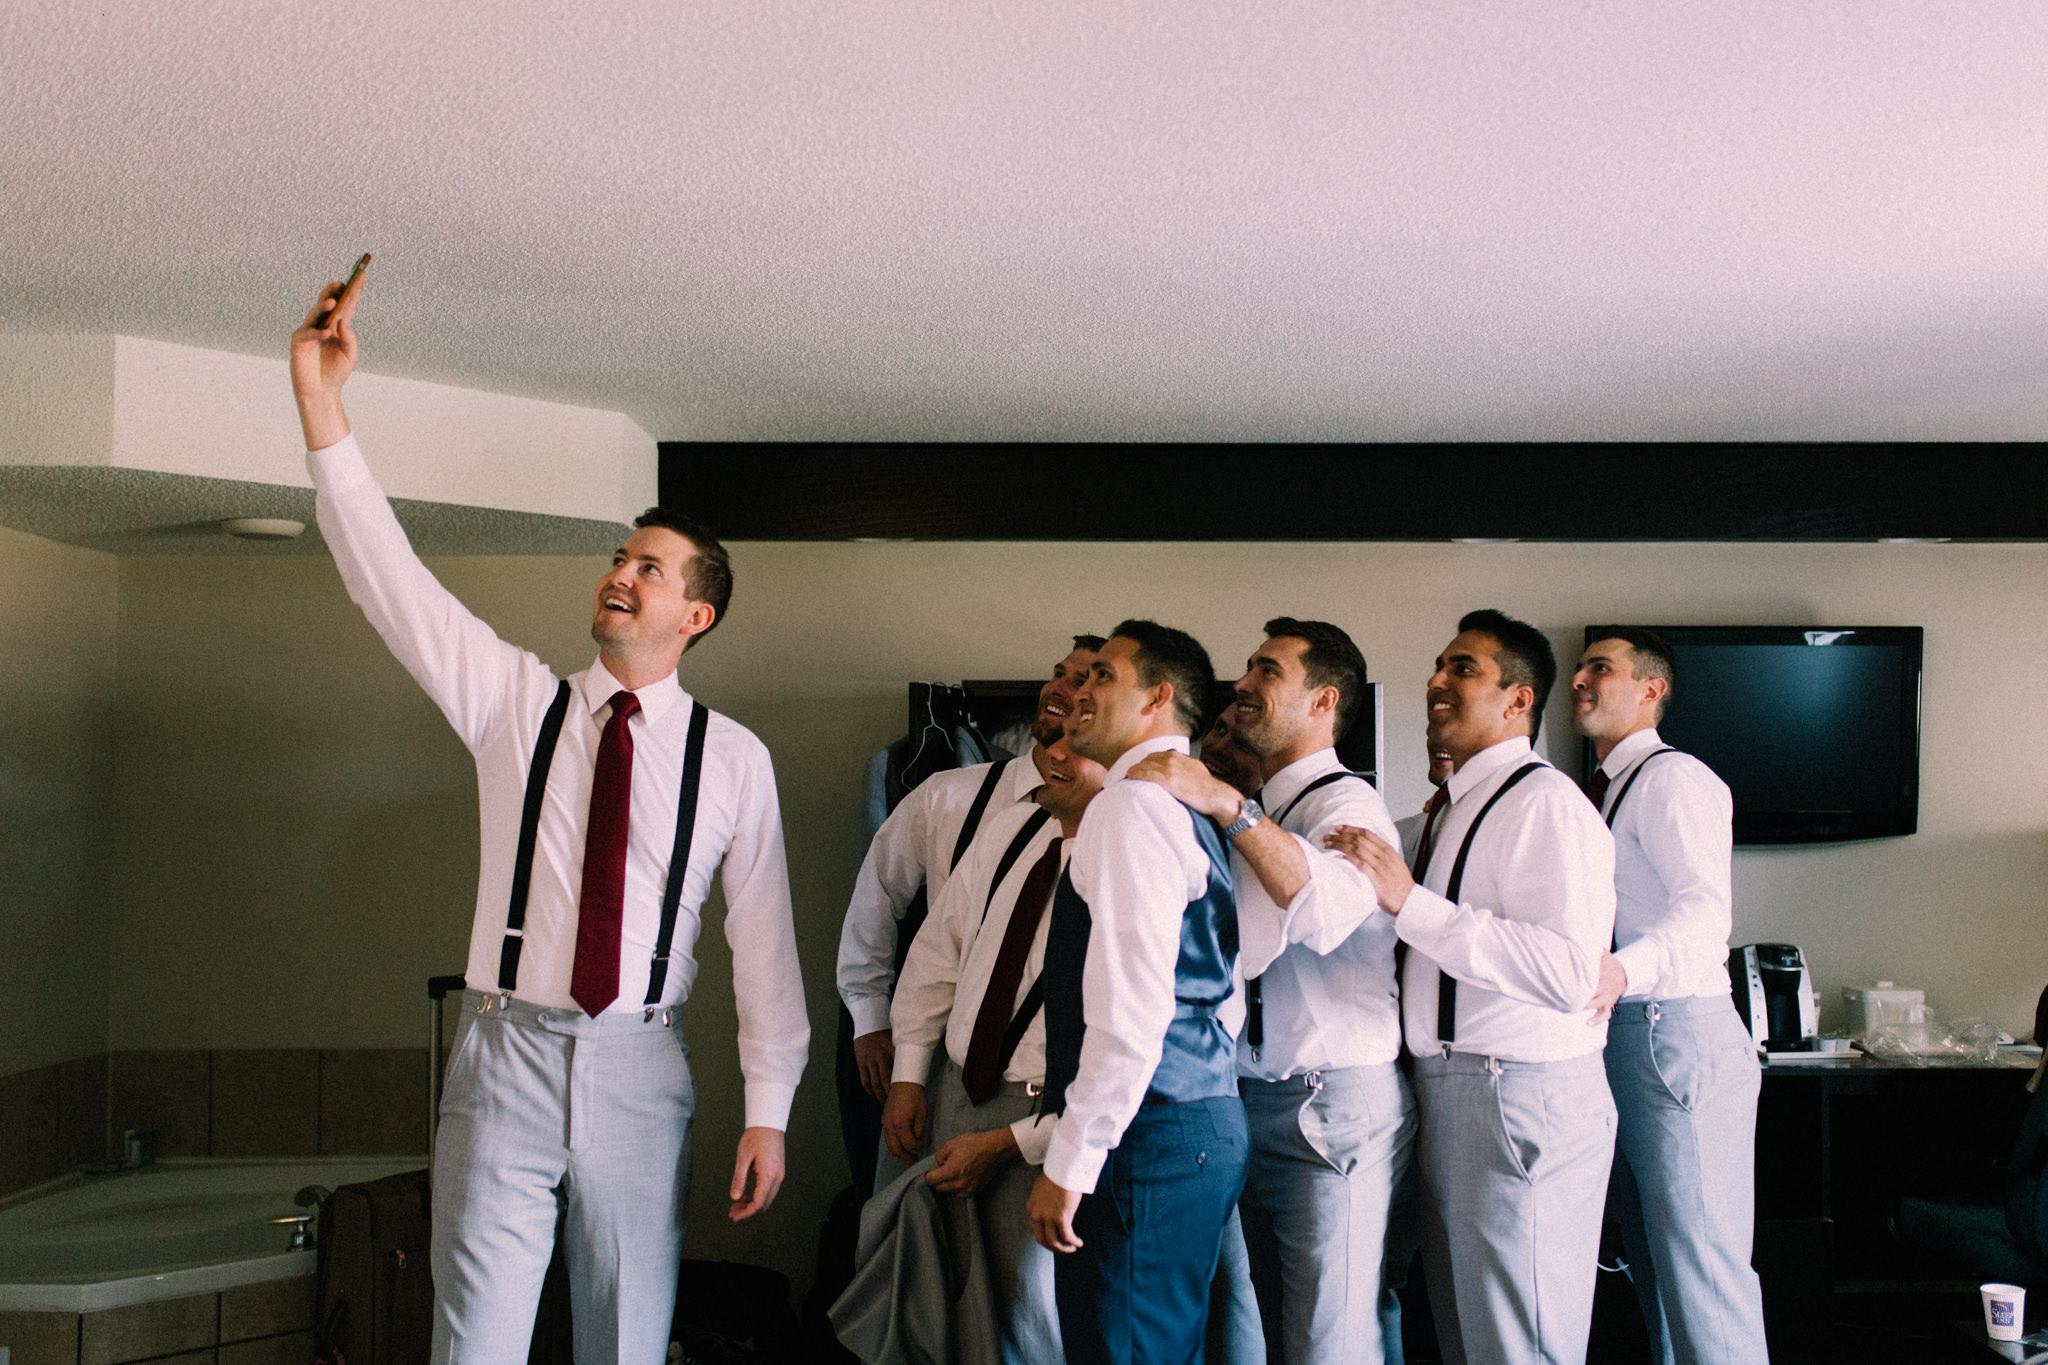 groomsmen posing for a selfie